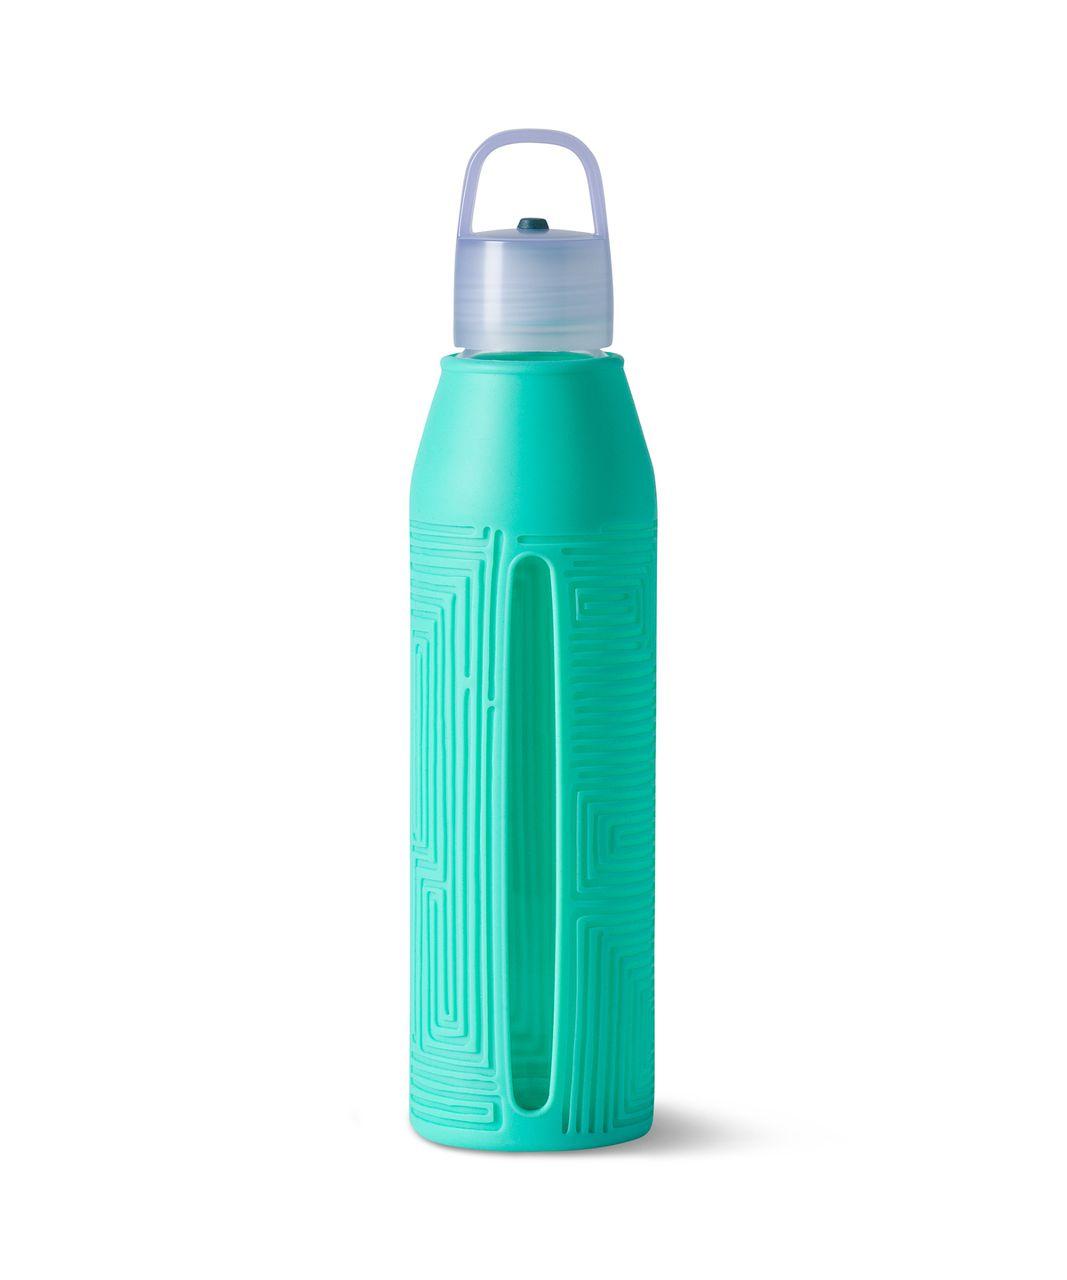 Lululemon H2Om Waterbottle - Bali Breeze